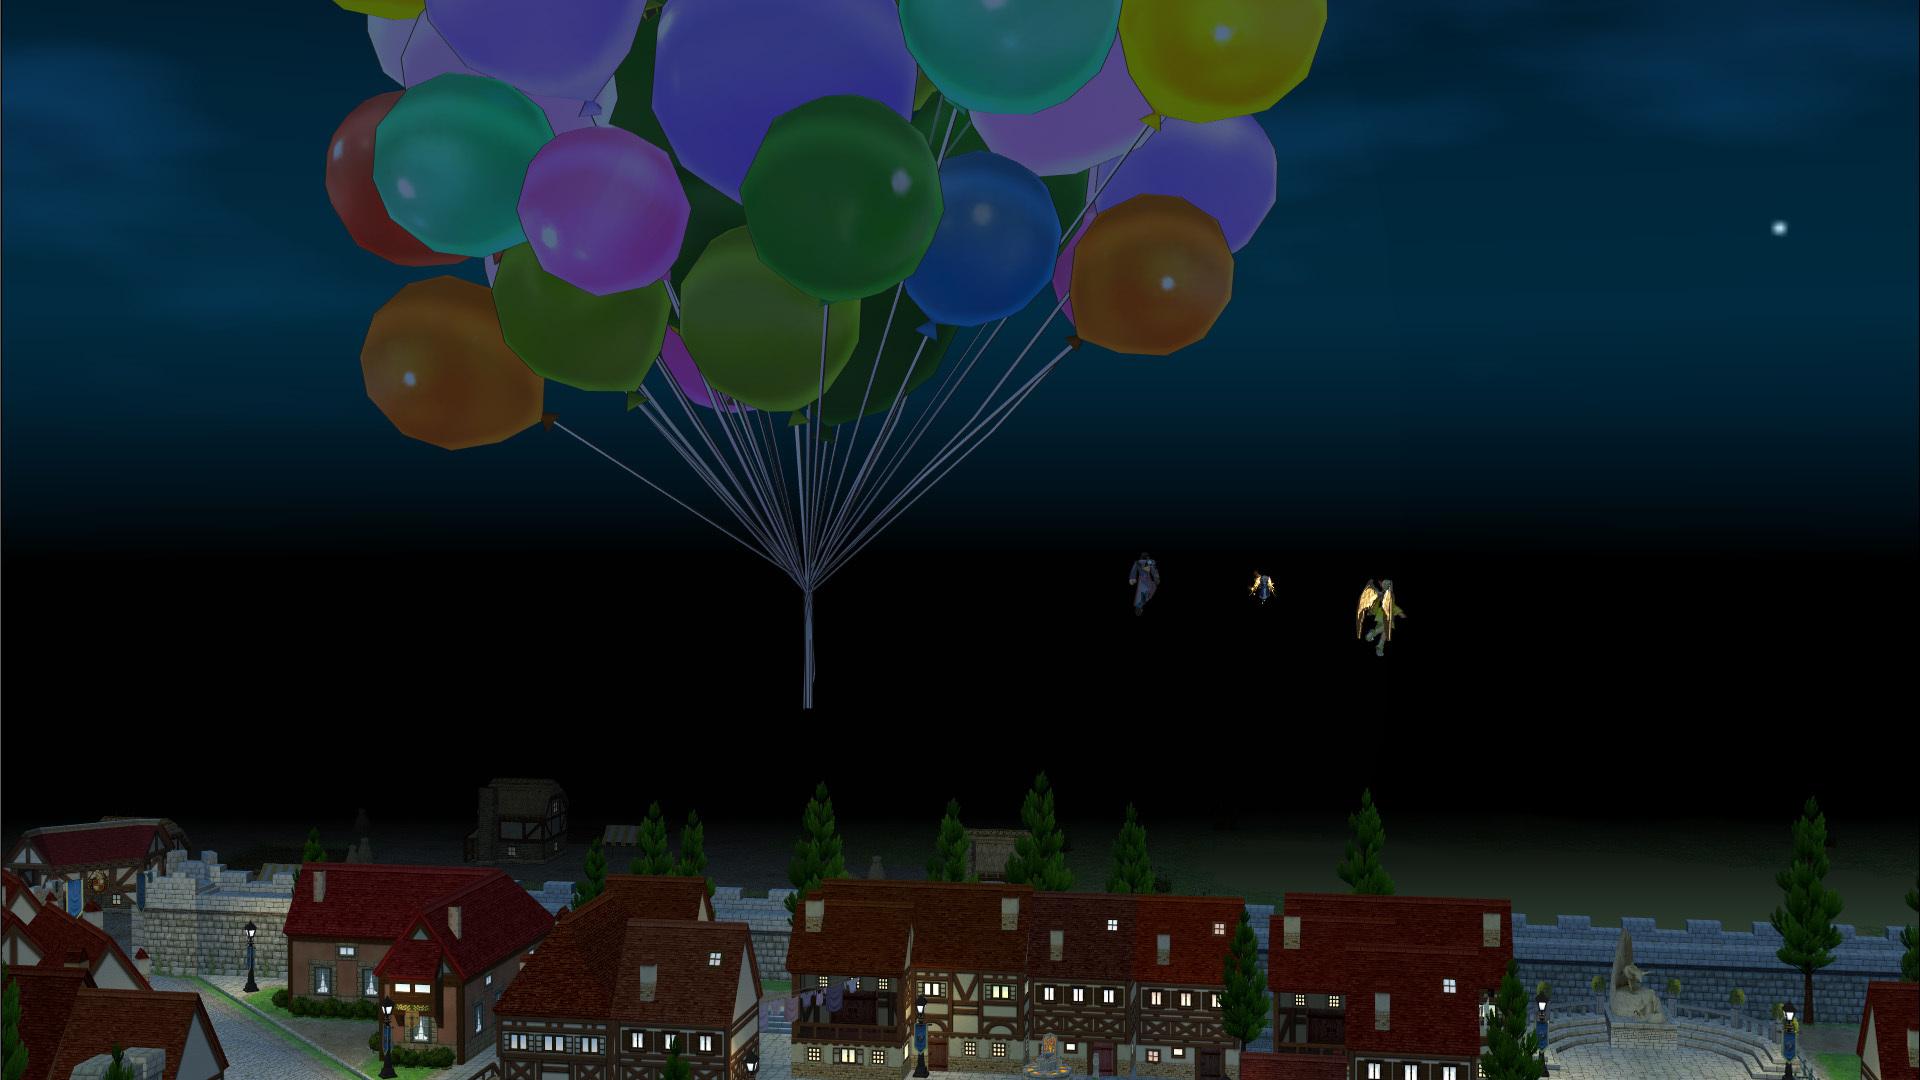 風船が飛ぶ07